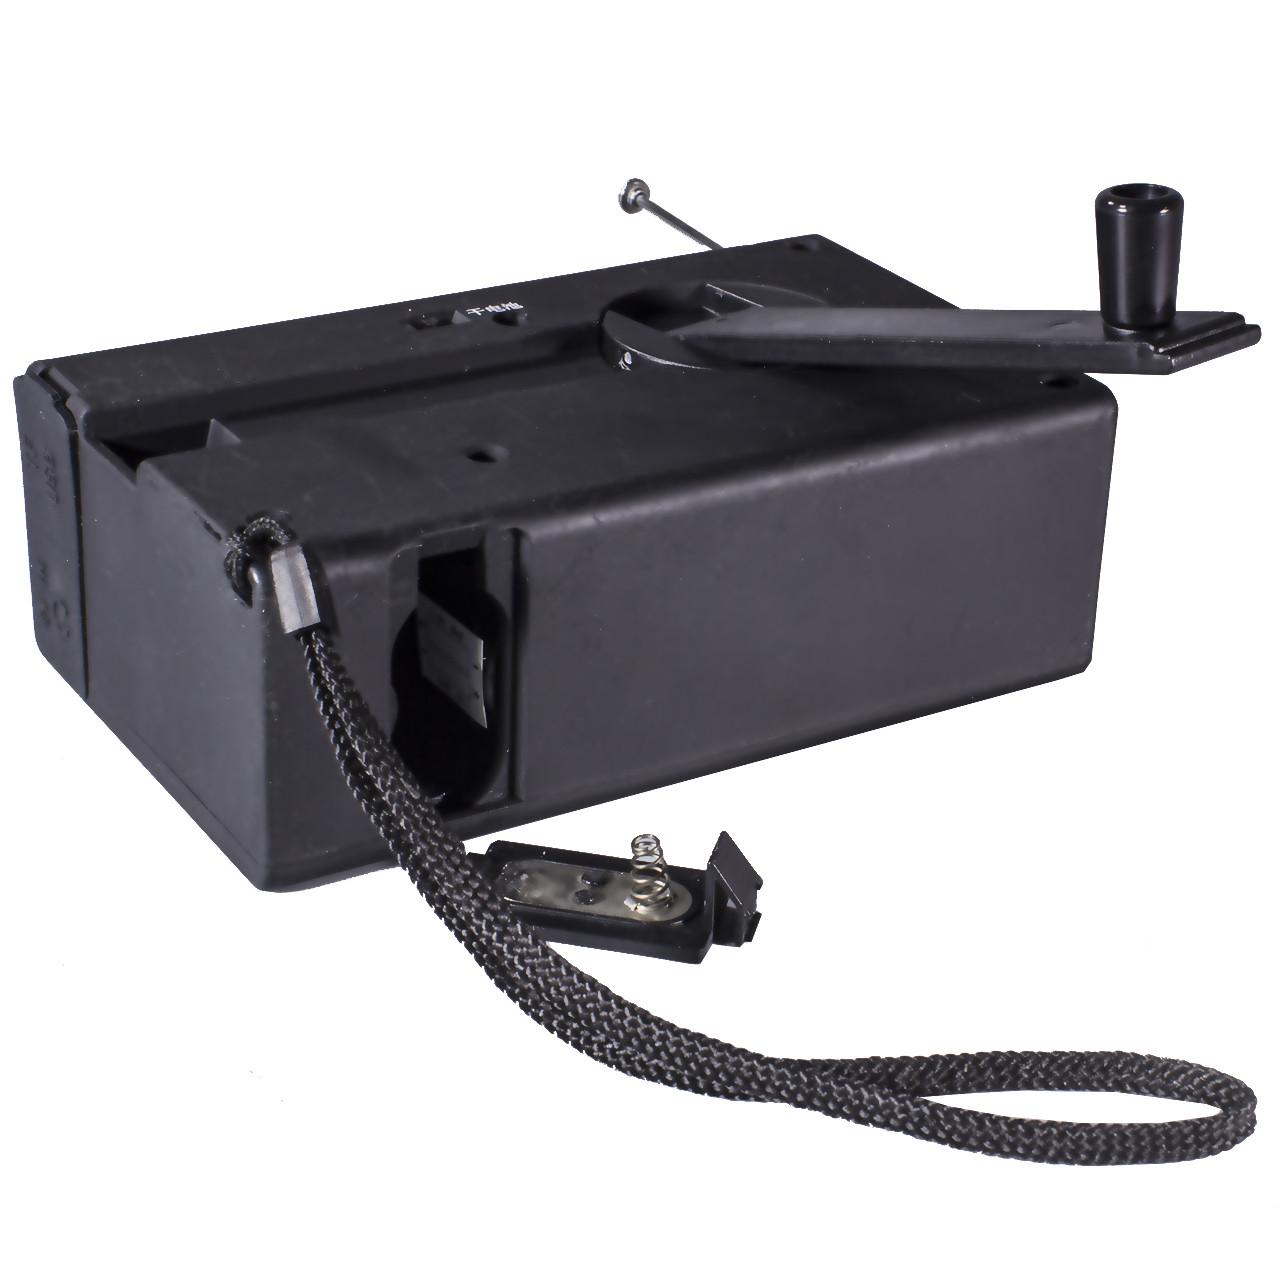 Фонарь Haoyi HY-018 с динамо радио USB micro SD Black (1640-5790а)